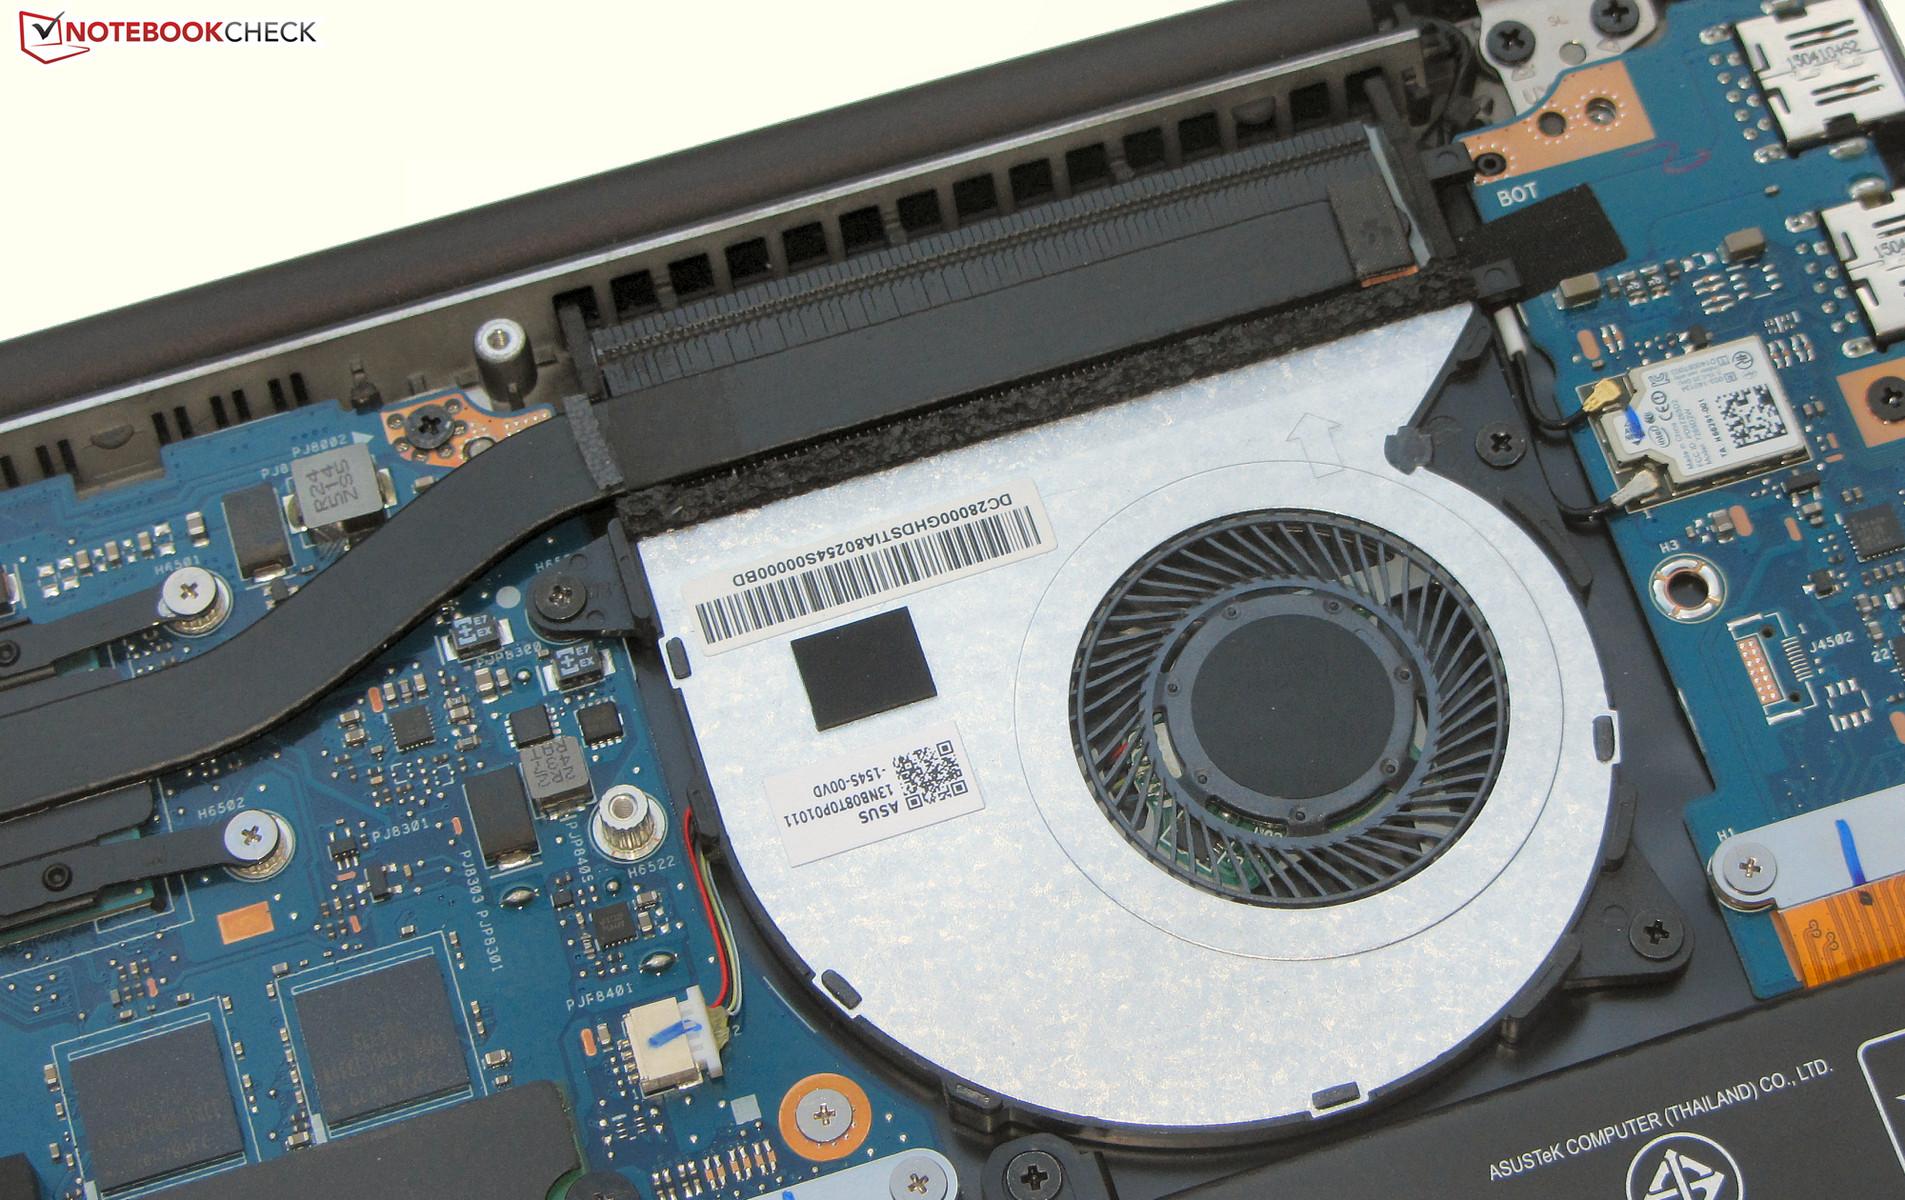 Asus Zenbook Ux305la Core I7 Subnotebook Review